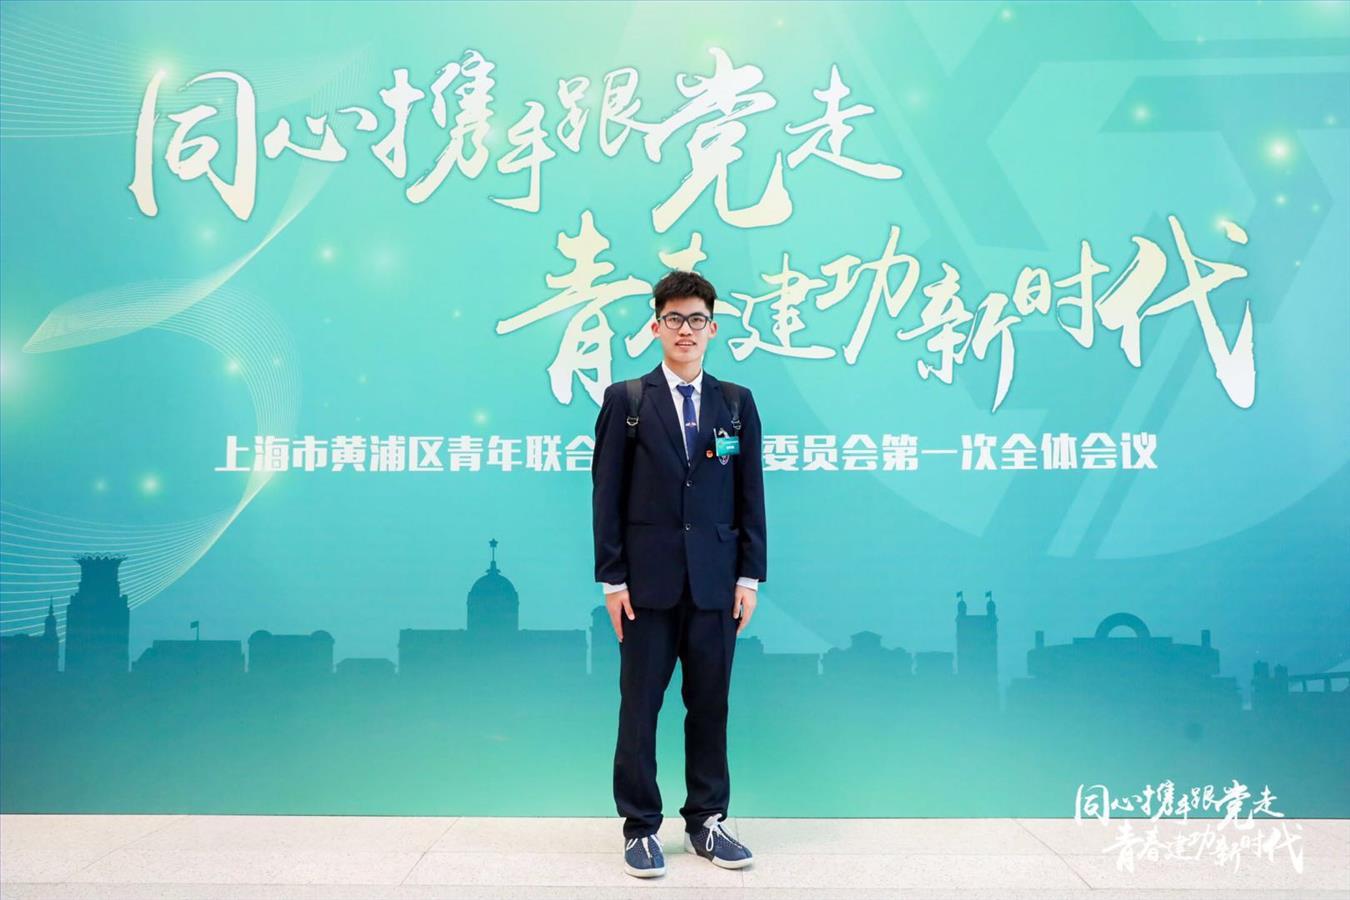 谢明峰同学当选黄浦区青年联合会第三届常务委员会委员